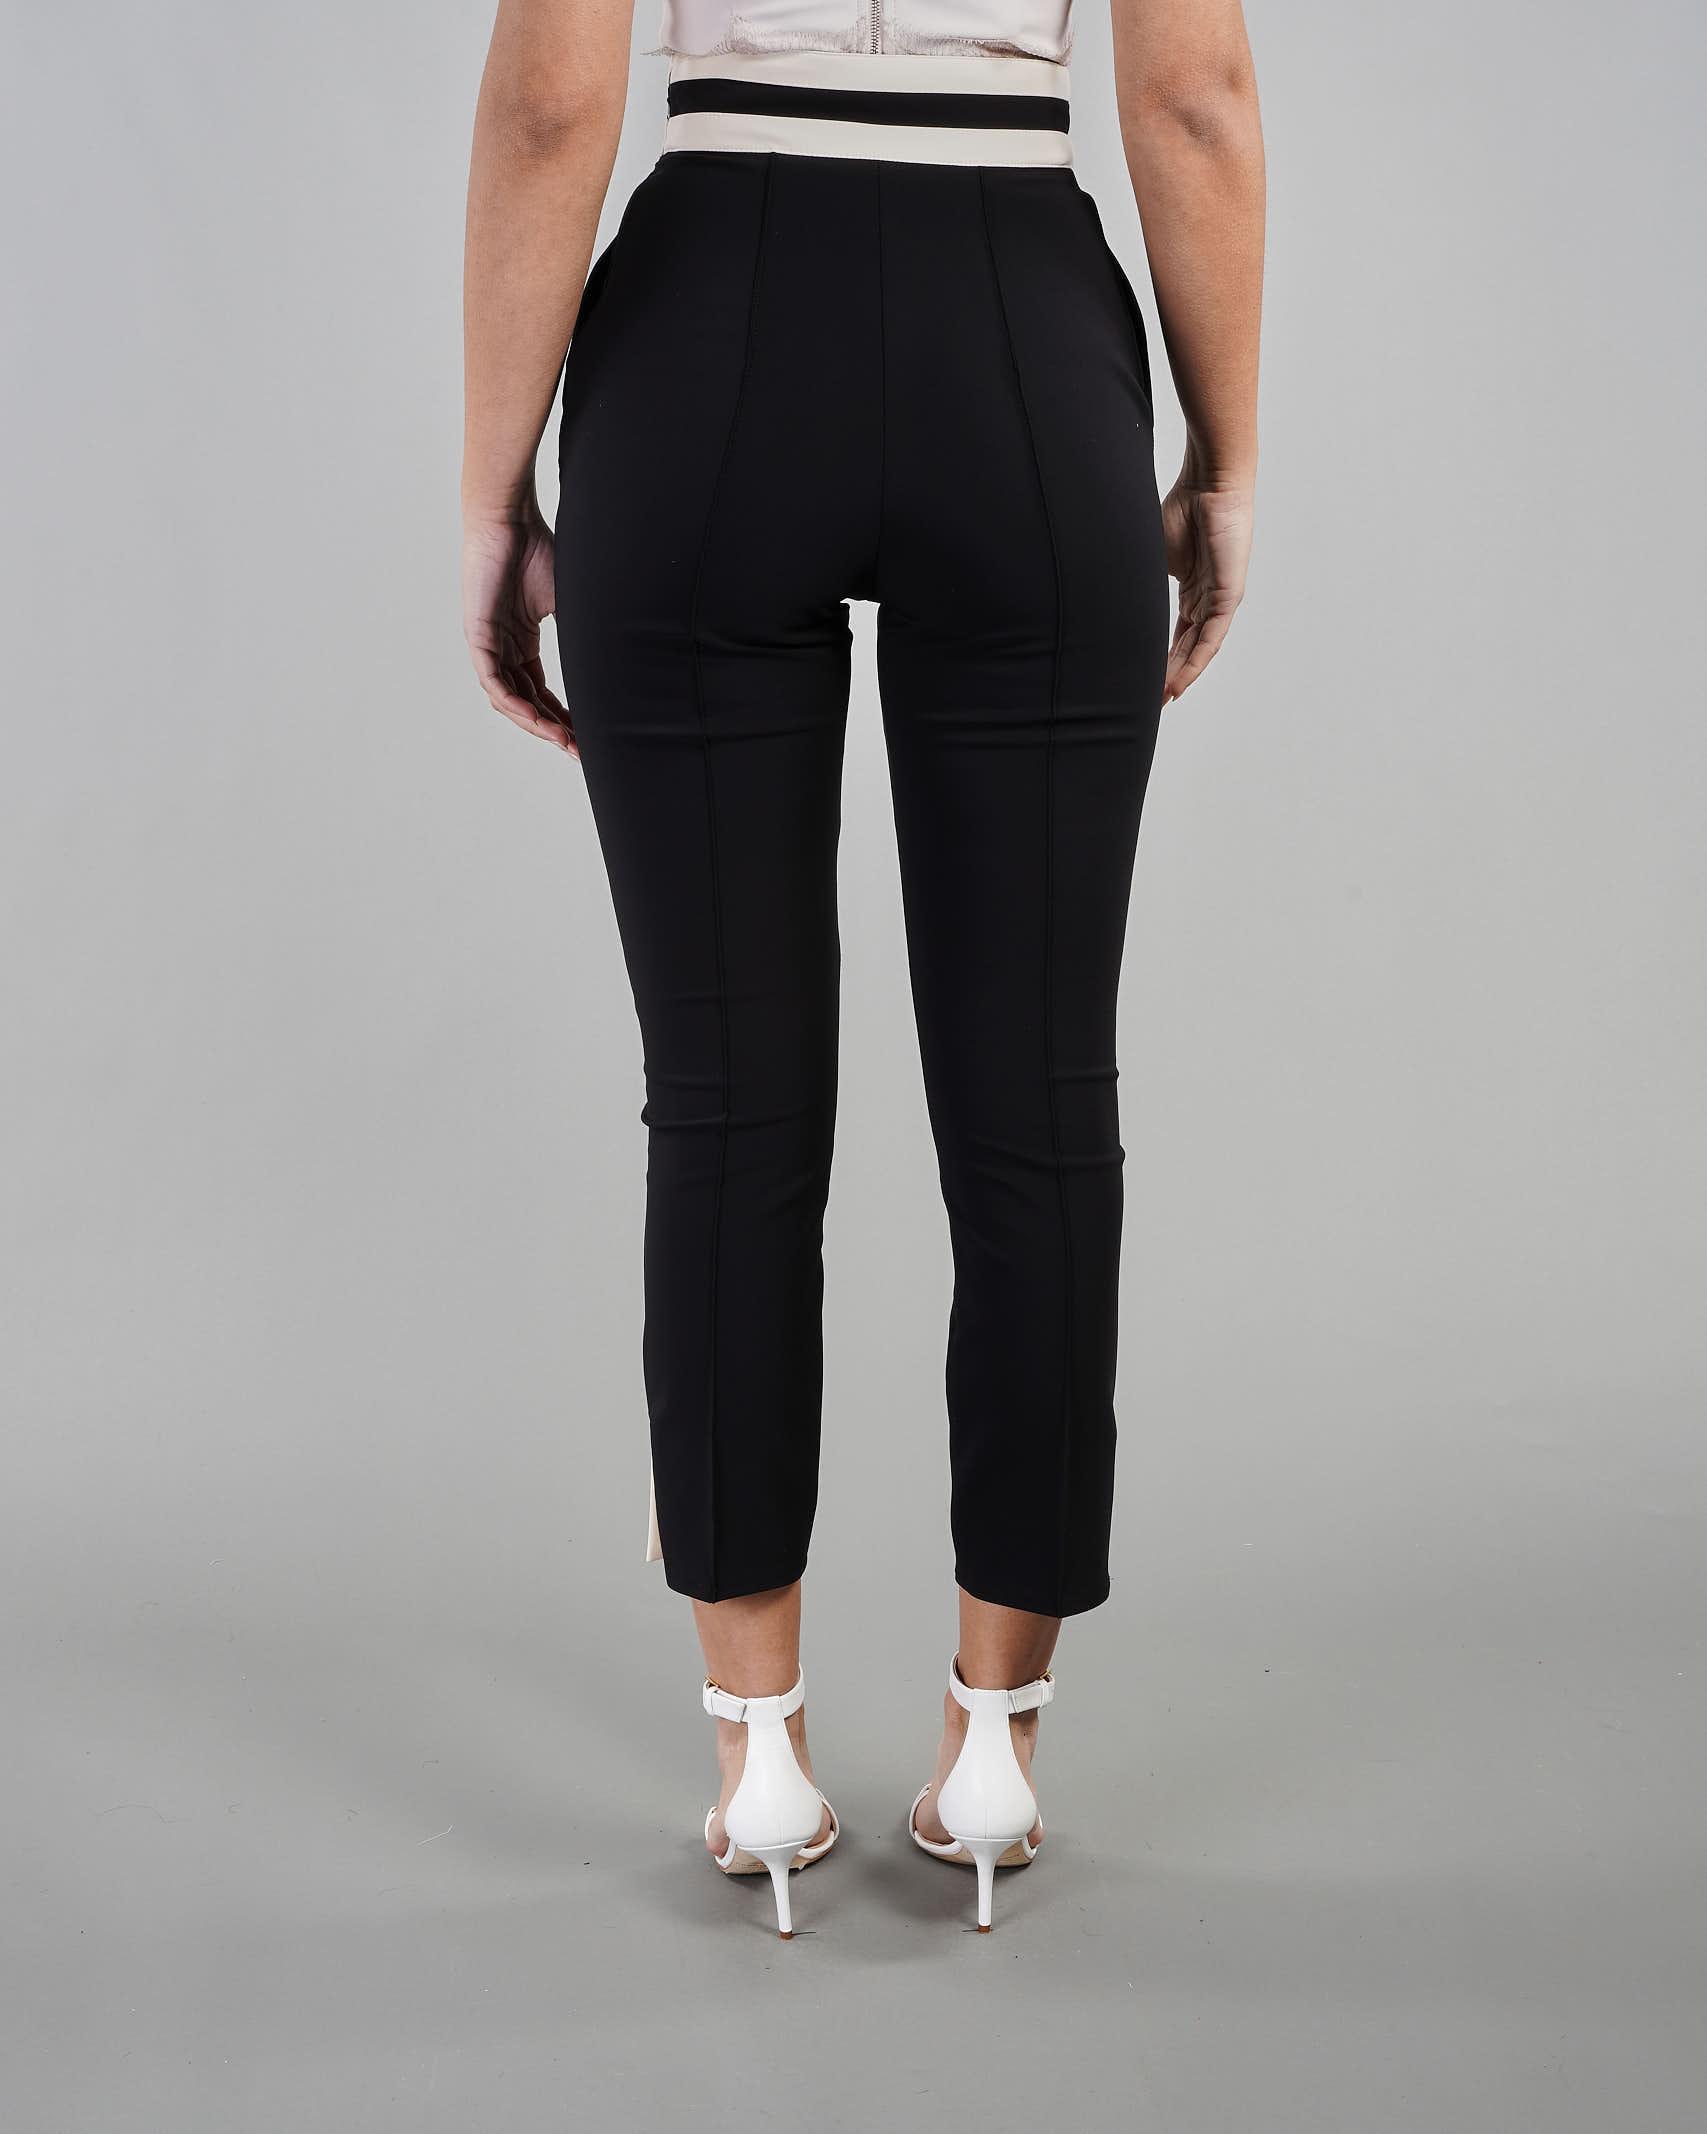 Pantalone skinny bicolor con accessorio morsetto Elisabetta Franchi ELISABETTA FRANCHI | Pantalone | PA37711E2685